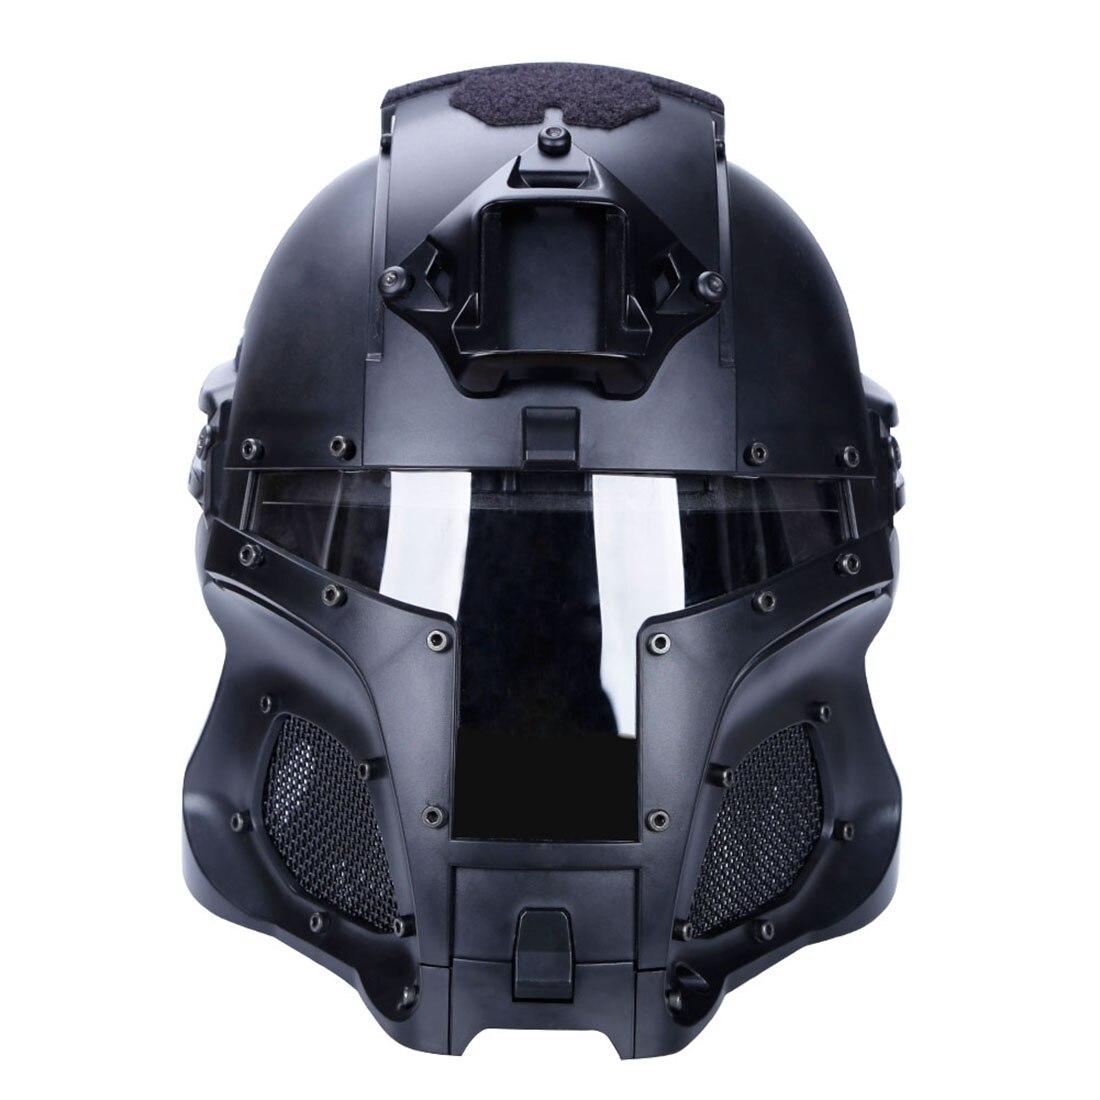 NFSTRIKE Militaire Tactique Accessoires WST Médiévale Fer Chevalier Tactiques Casque Pour Activité de Plein Air Jeu-Noir